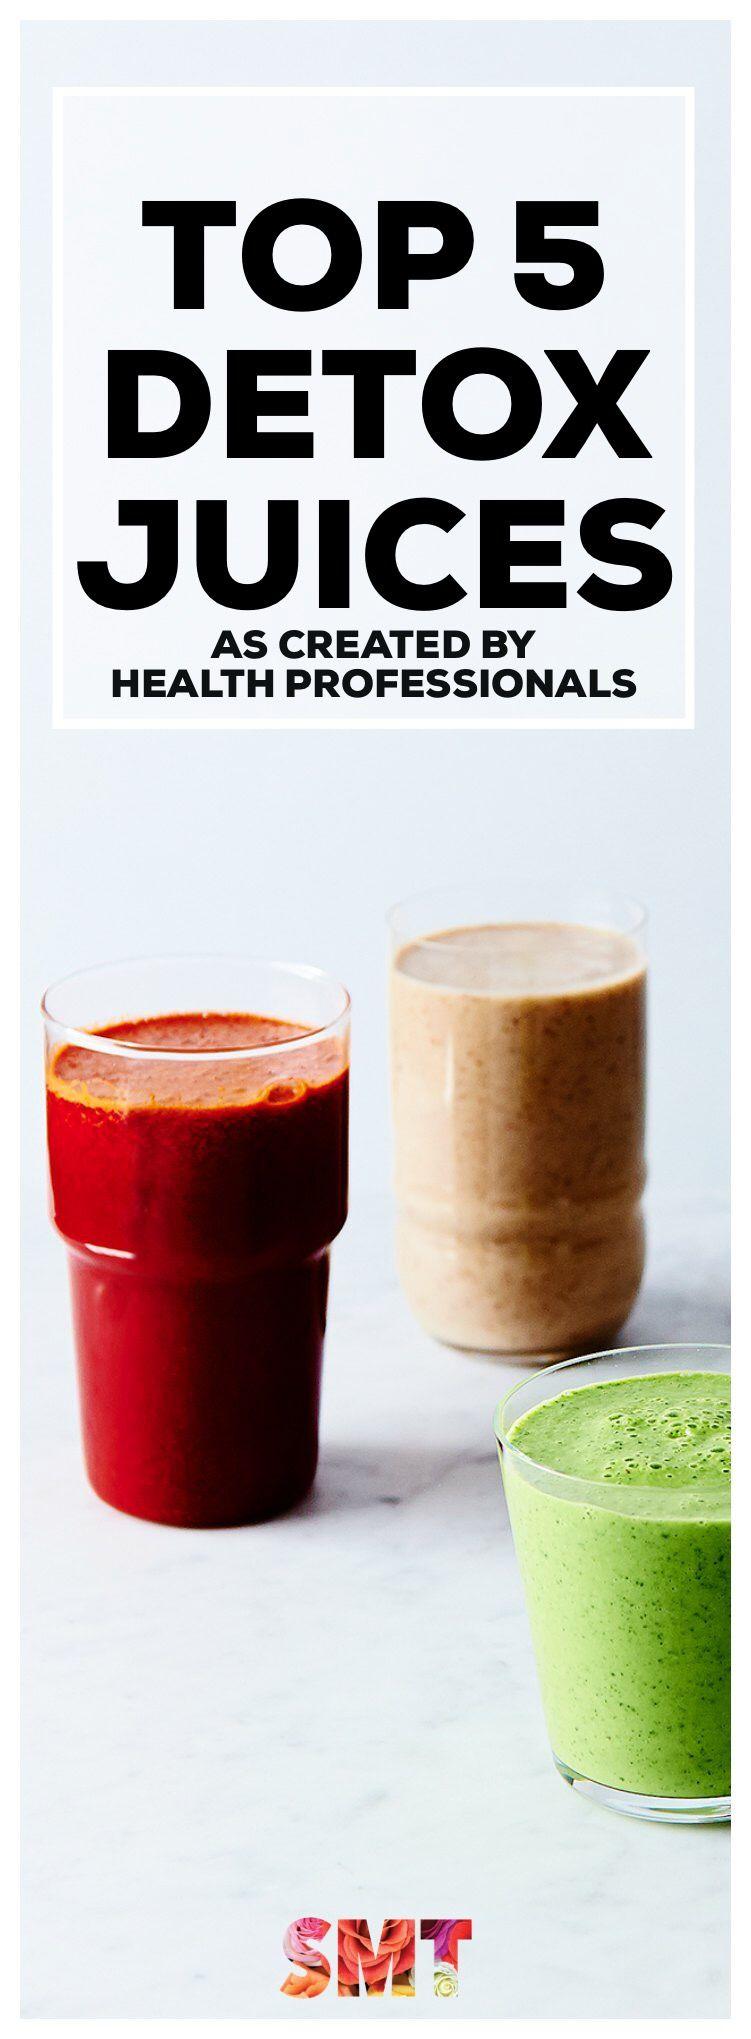 Top 5 Detox Juices Detox recipes, Healthy juice recipes